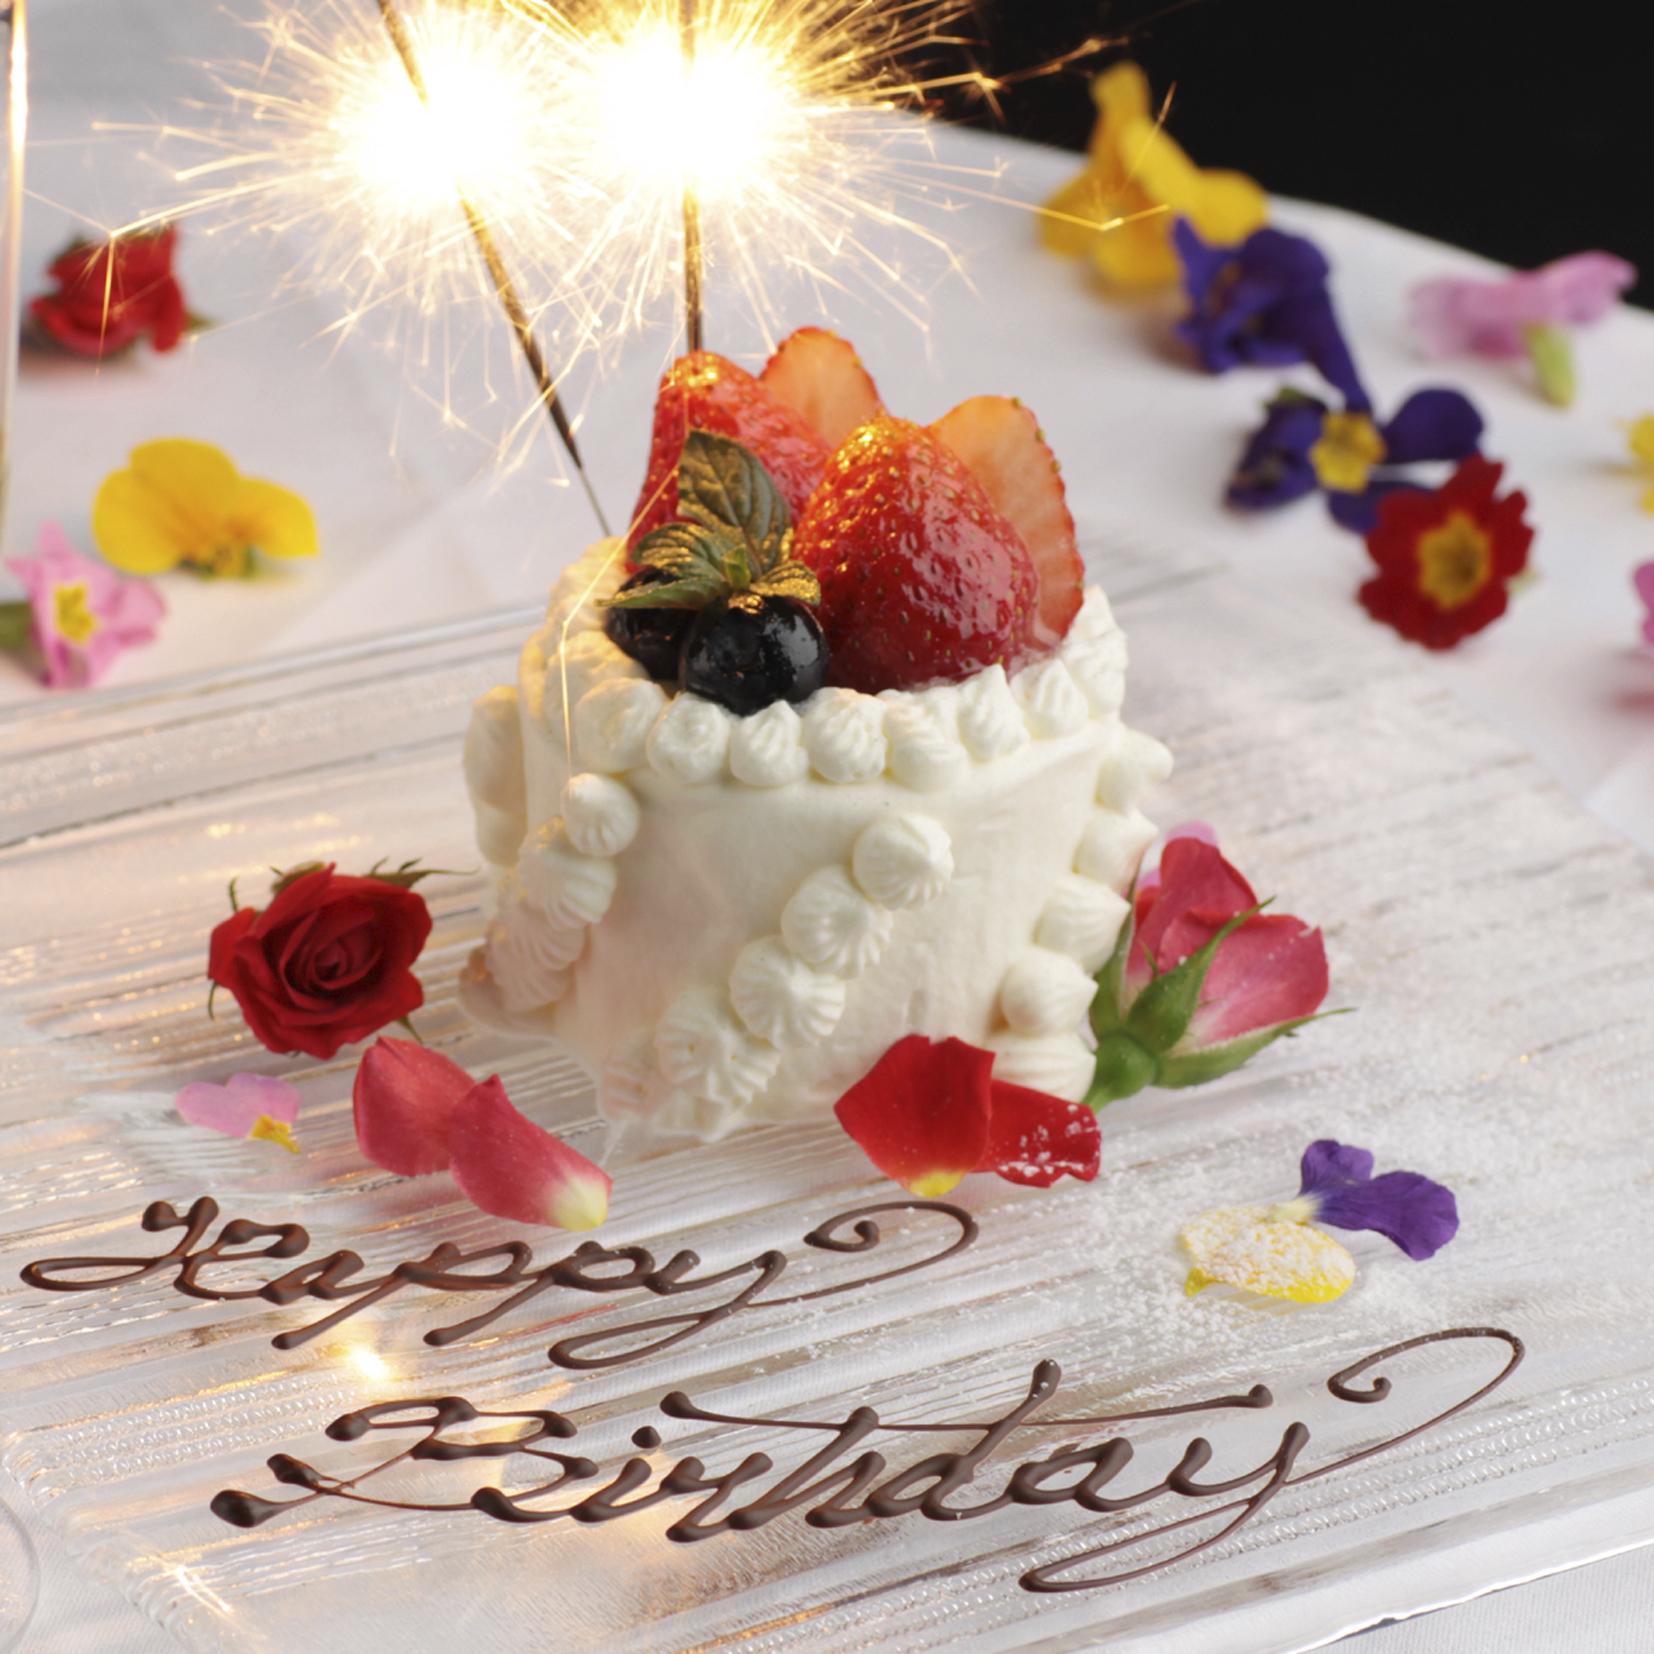 [お料理のみ] 【乾杯スパークリングワイン×記念日ケーキ付】記念日コース6品